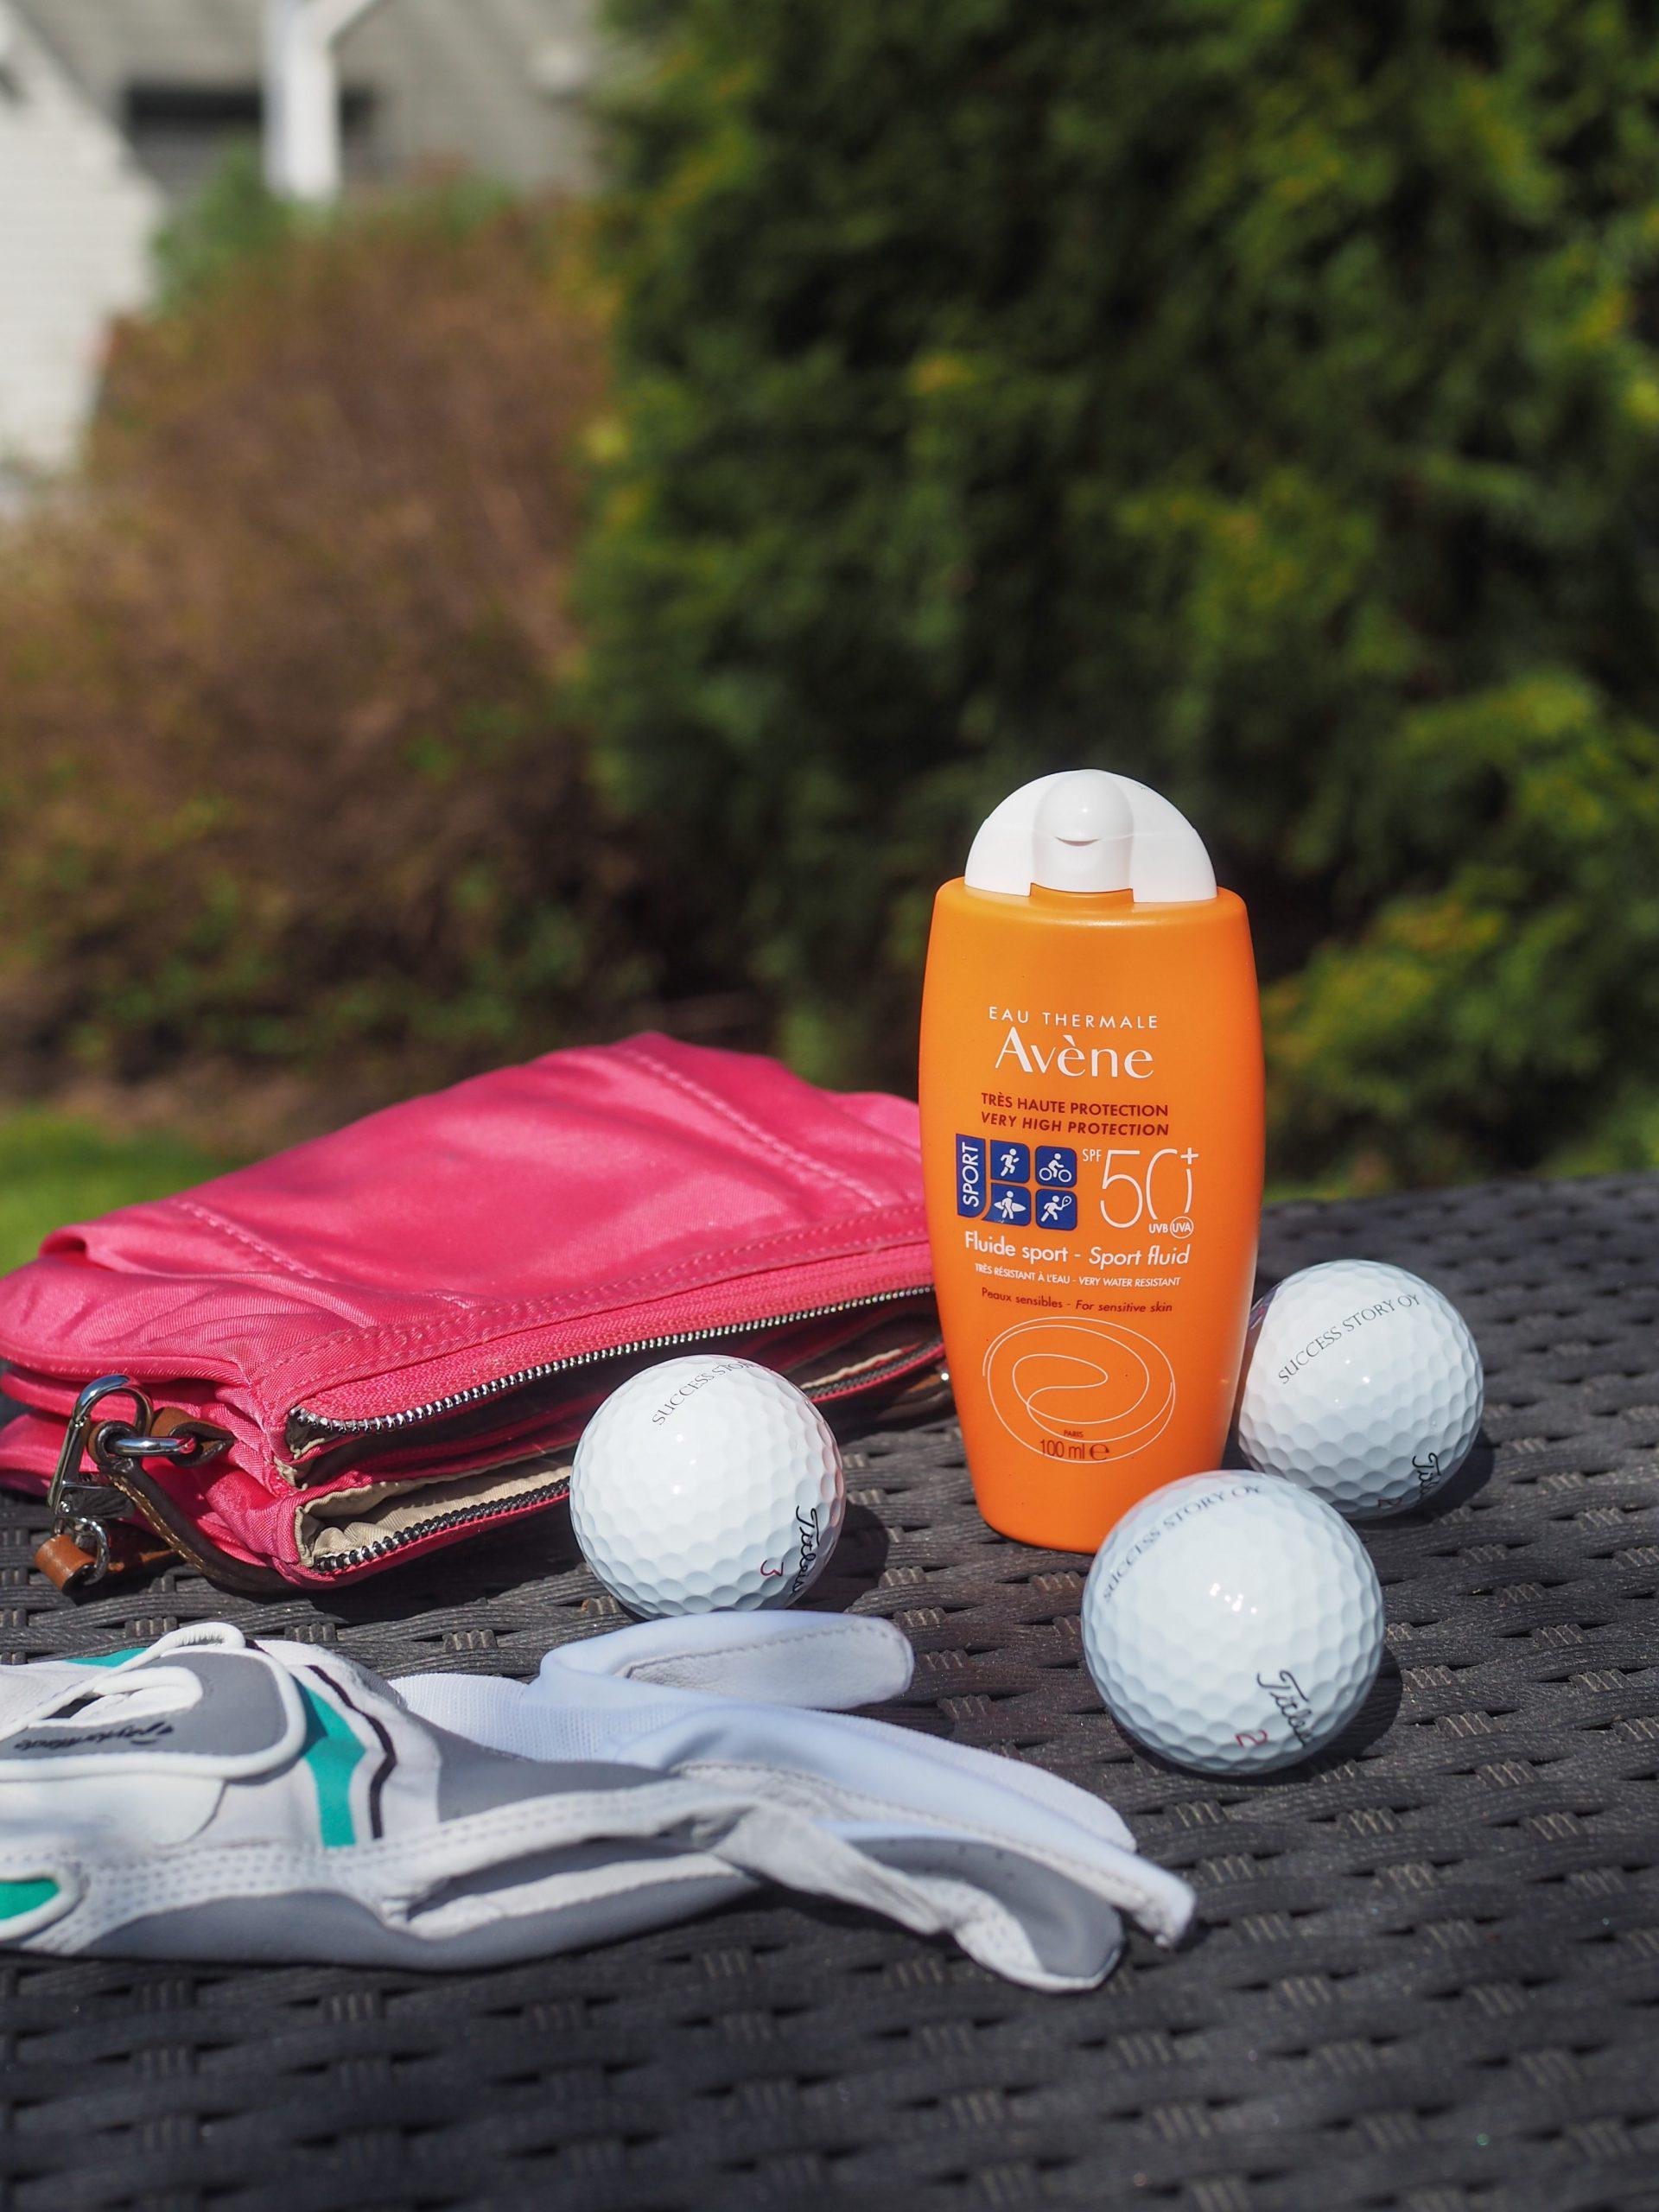 Avene Sun Sport -aurinkovoide, golfhanska ja golfpalloja pöydällä